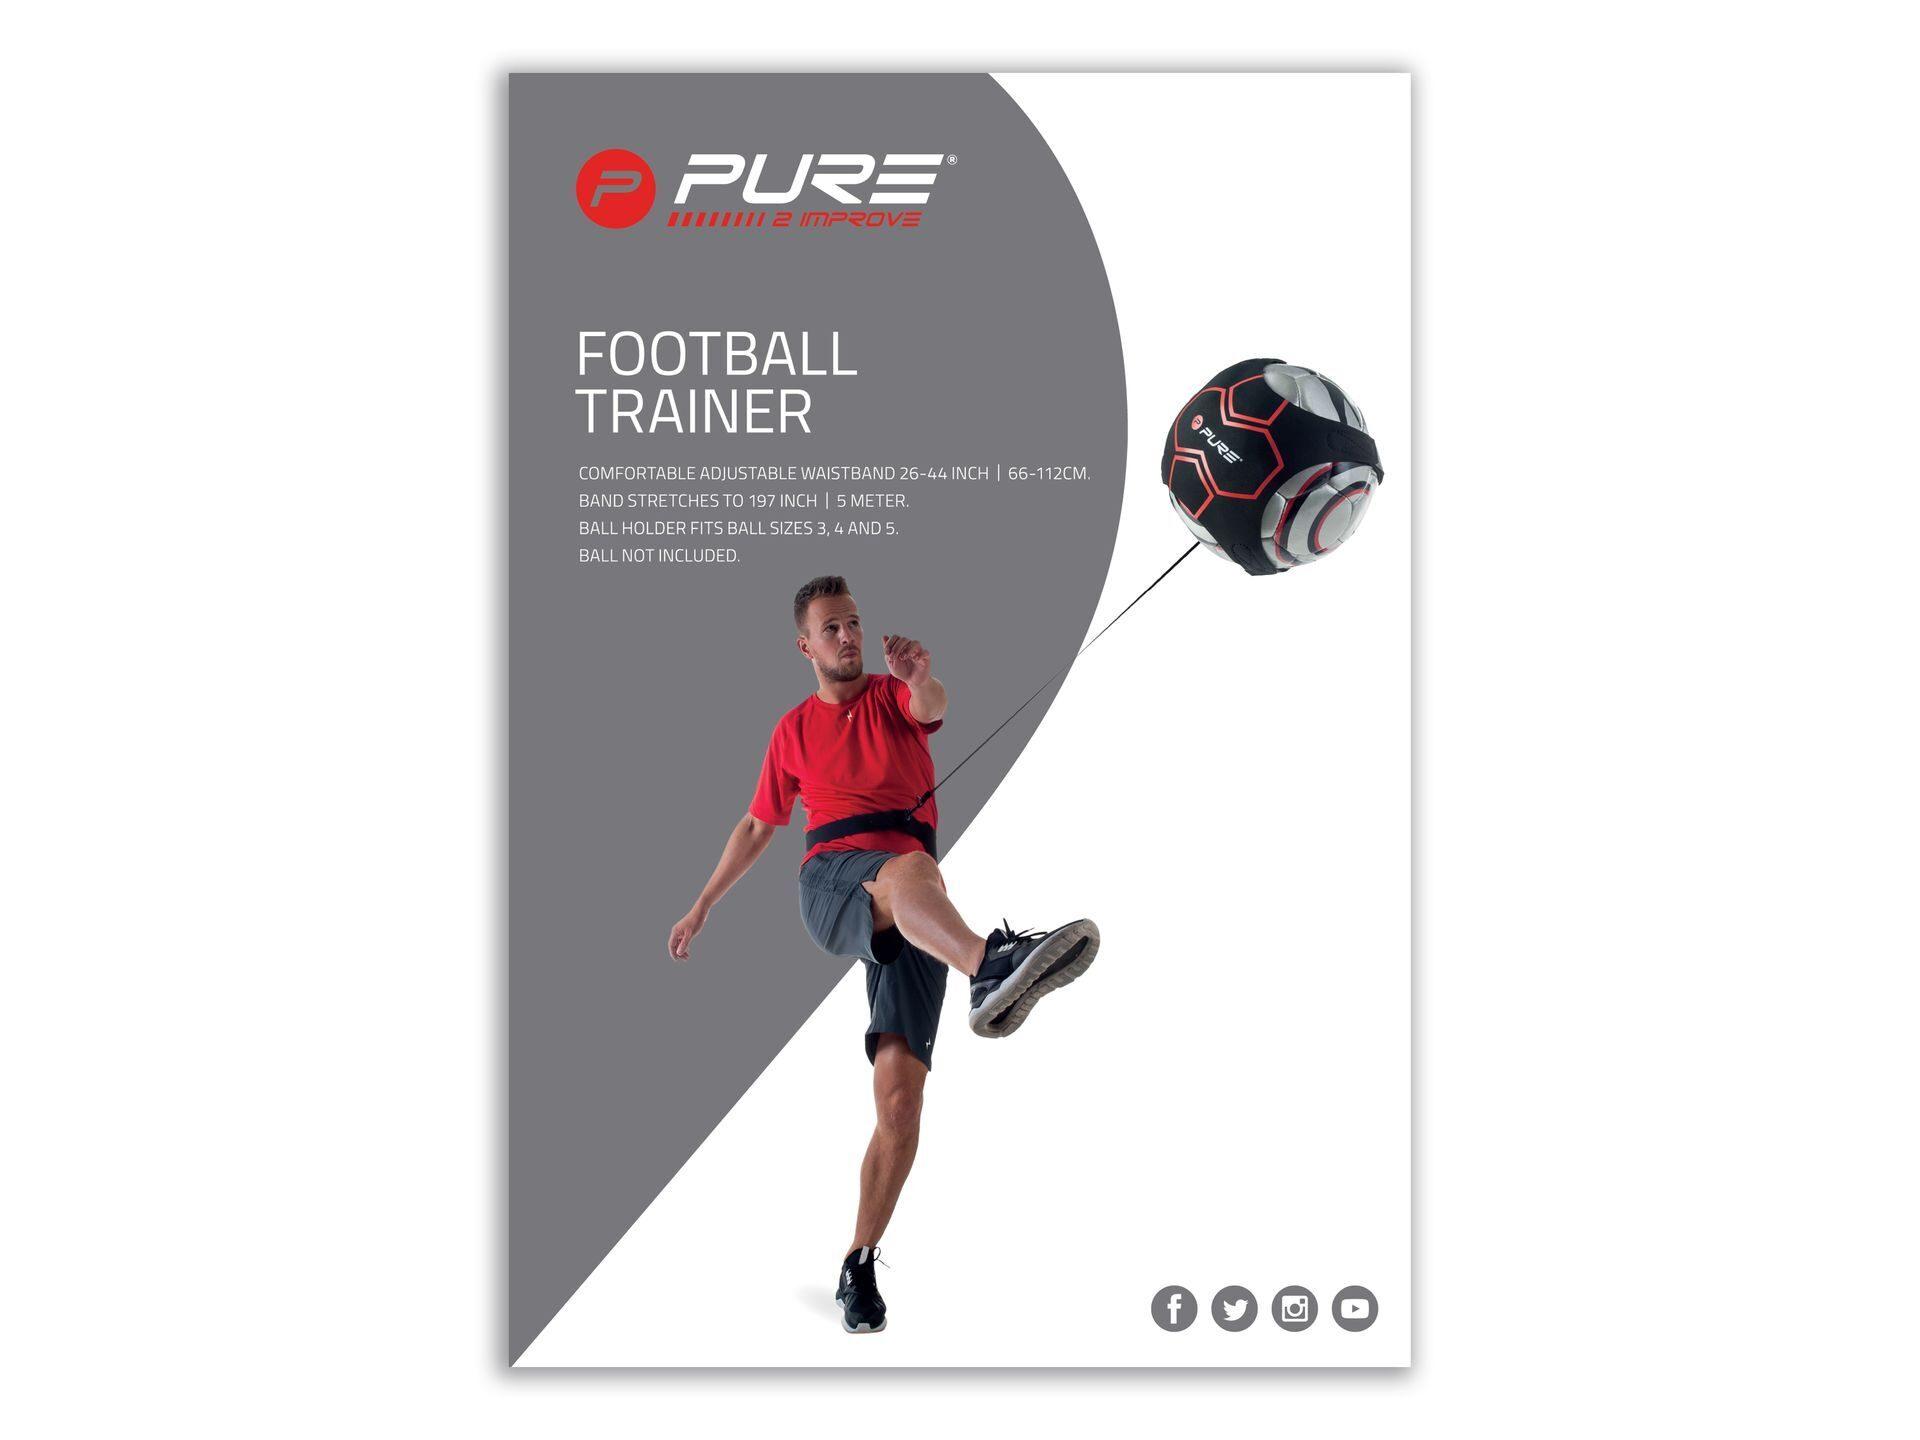 Футбольный тренажер PURE2IMPROVE FOOTBALL TRAINER купить в Москве по ... 87daef636bc